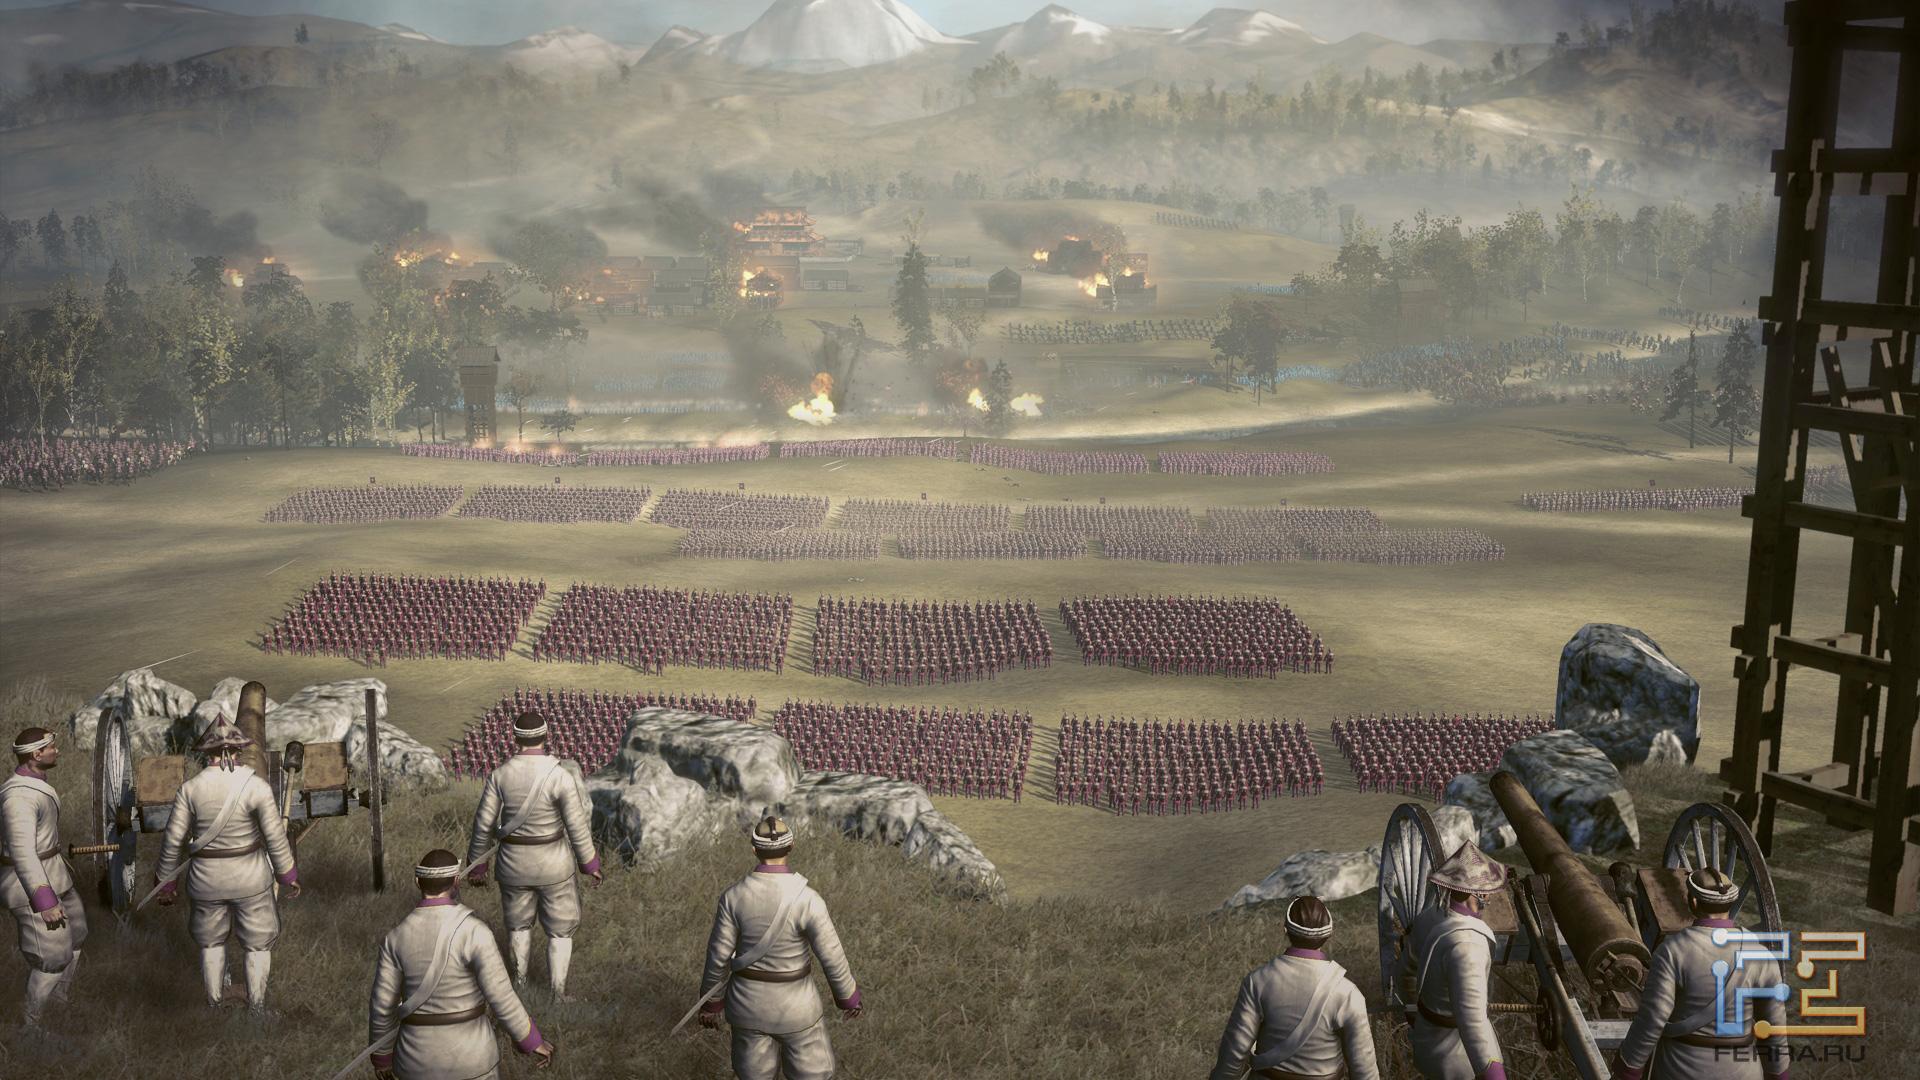 shogun 2 total war skidrow